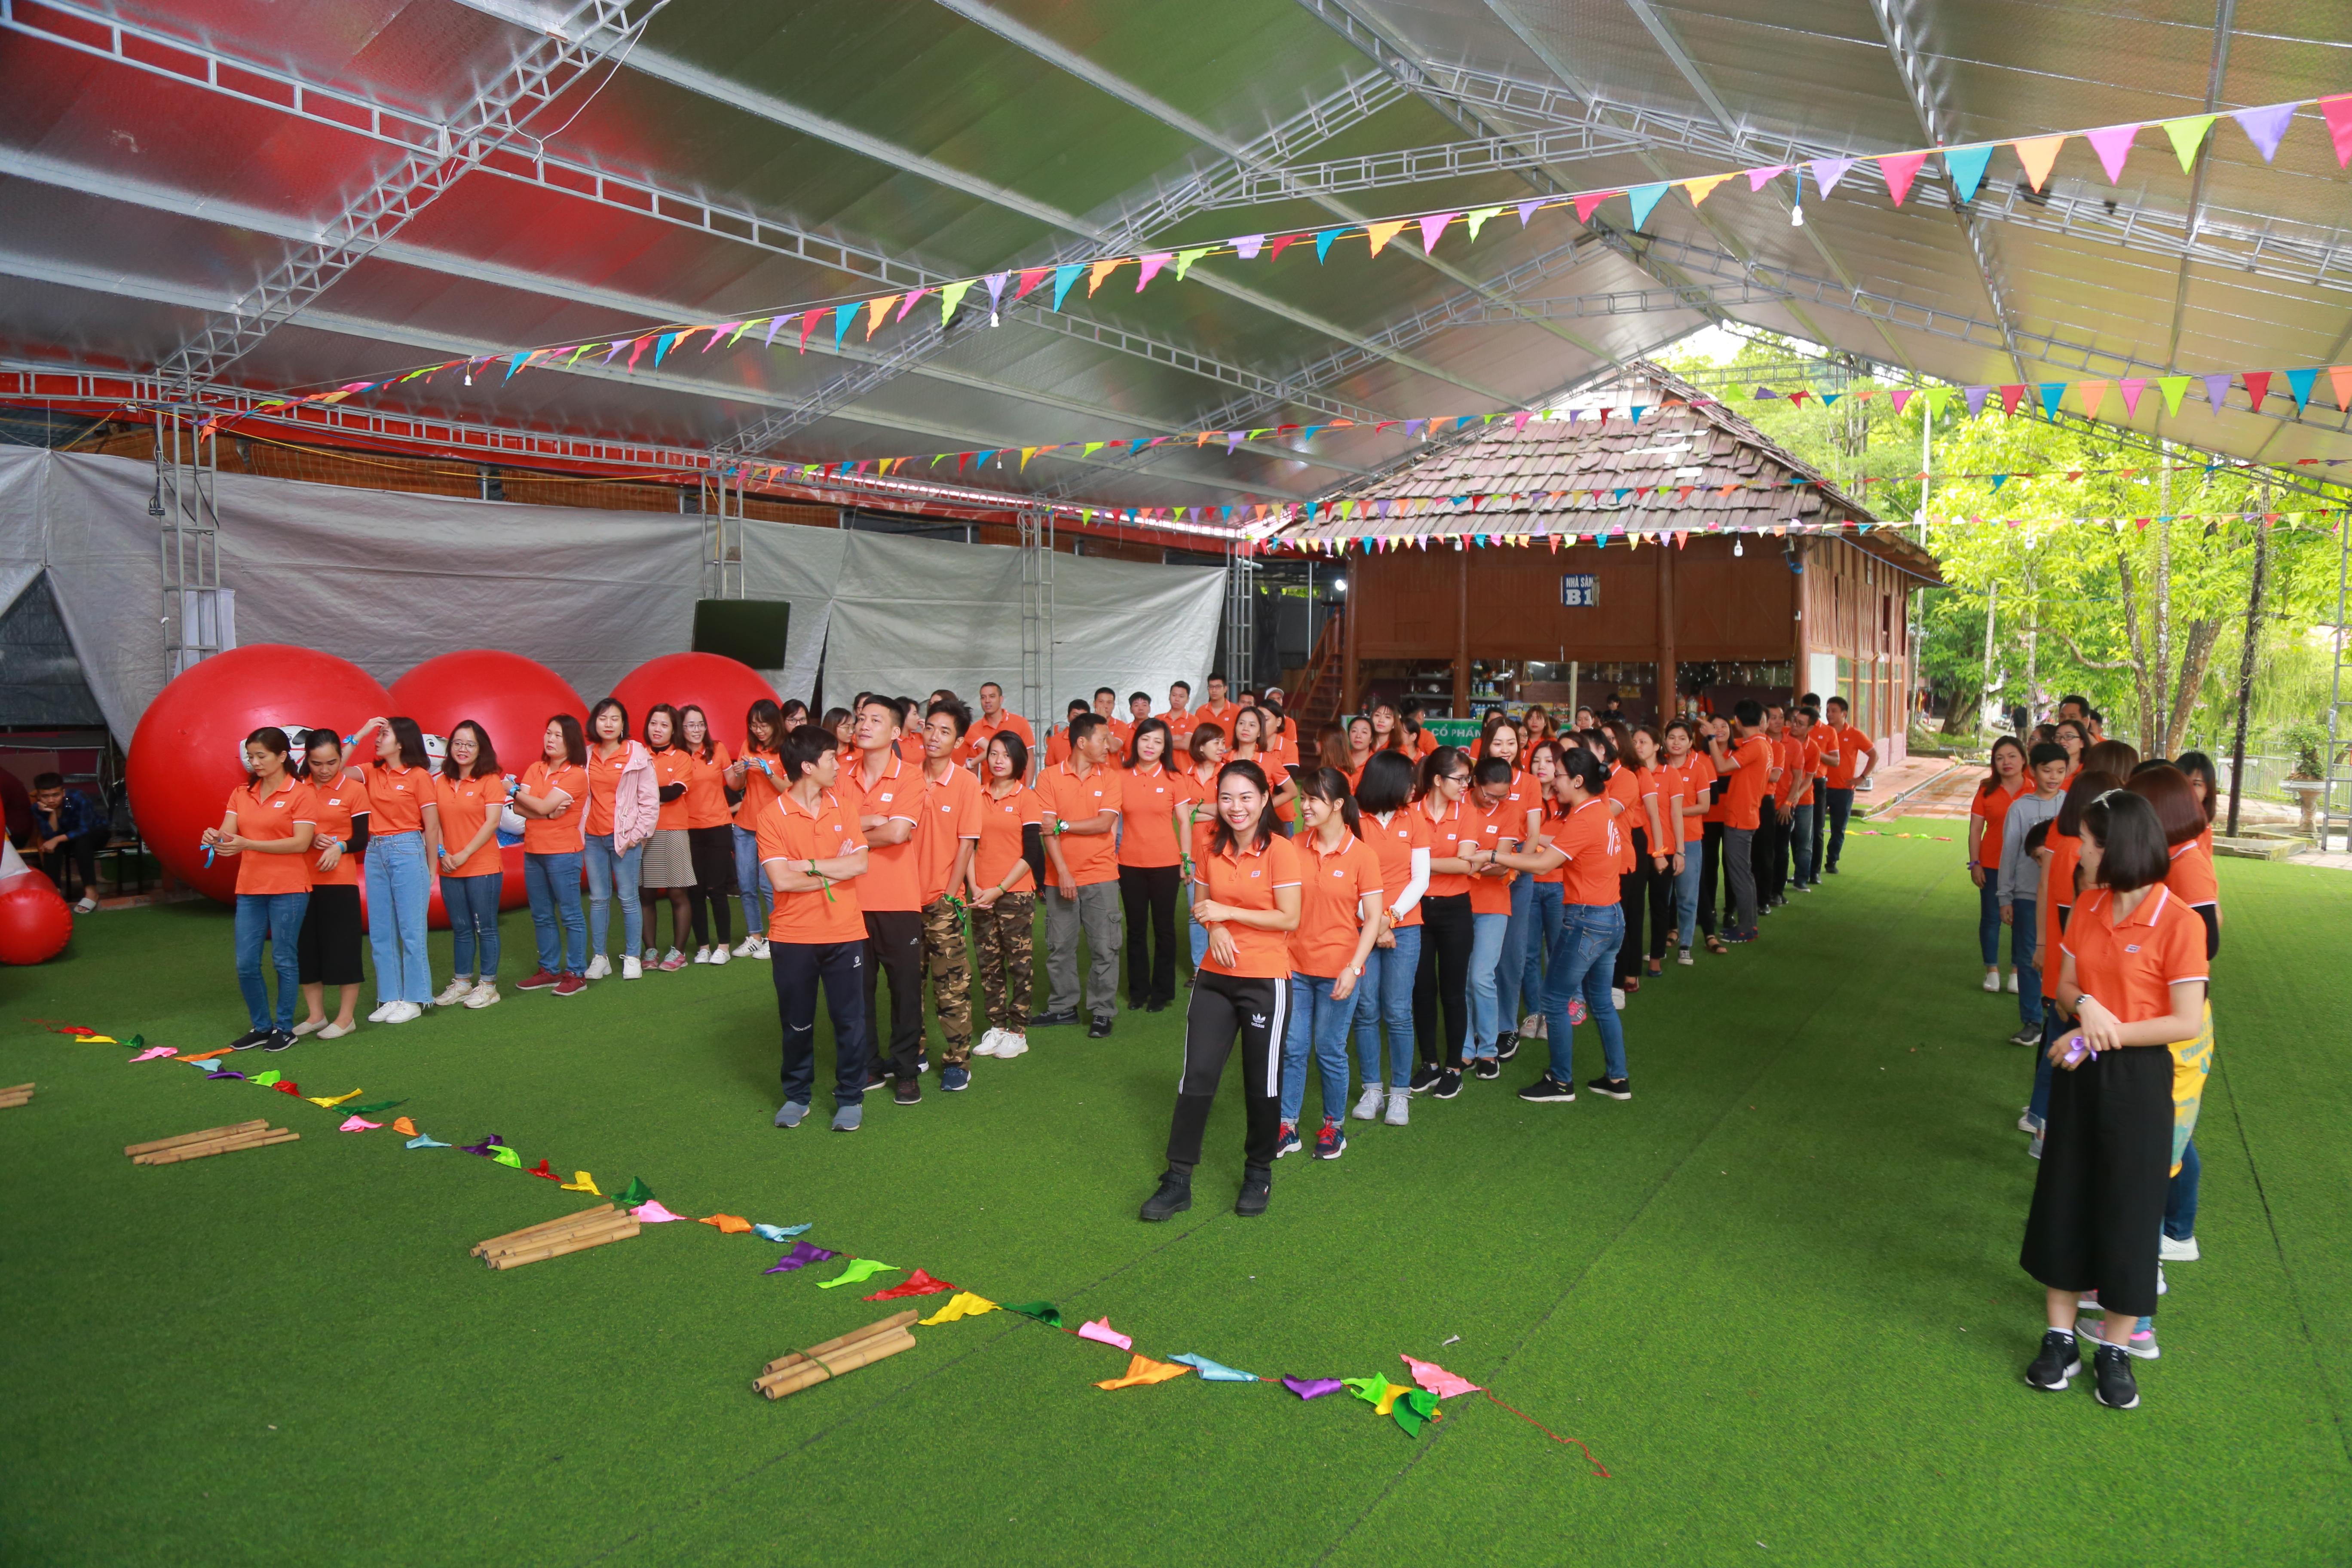 Sáng 2/11, hơn 130 CBNV hành chính (FAD) đến từ các đơn vị FPT:Khối Giáo dục FPT, FPT Telecom, FPT IS, FPT Software, FPT Online, FPT Retail… tê tựu về Đồng Mô, Ba Vì, Hà Nội để tham gia teambuilding. Ai nấy đều rất phấn khởi sau chuyến hành trình di chuyển 1 giờ đồng hồ.Cả đoàn được chia làm 4 đội, mỗi đội có 25 - 26 thành viên tham dự.